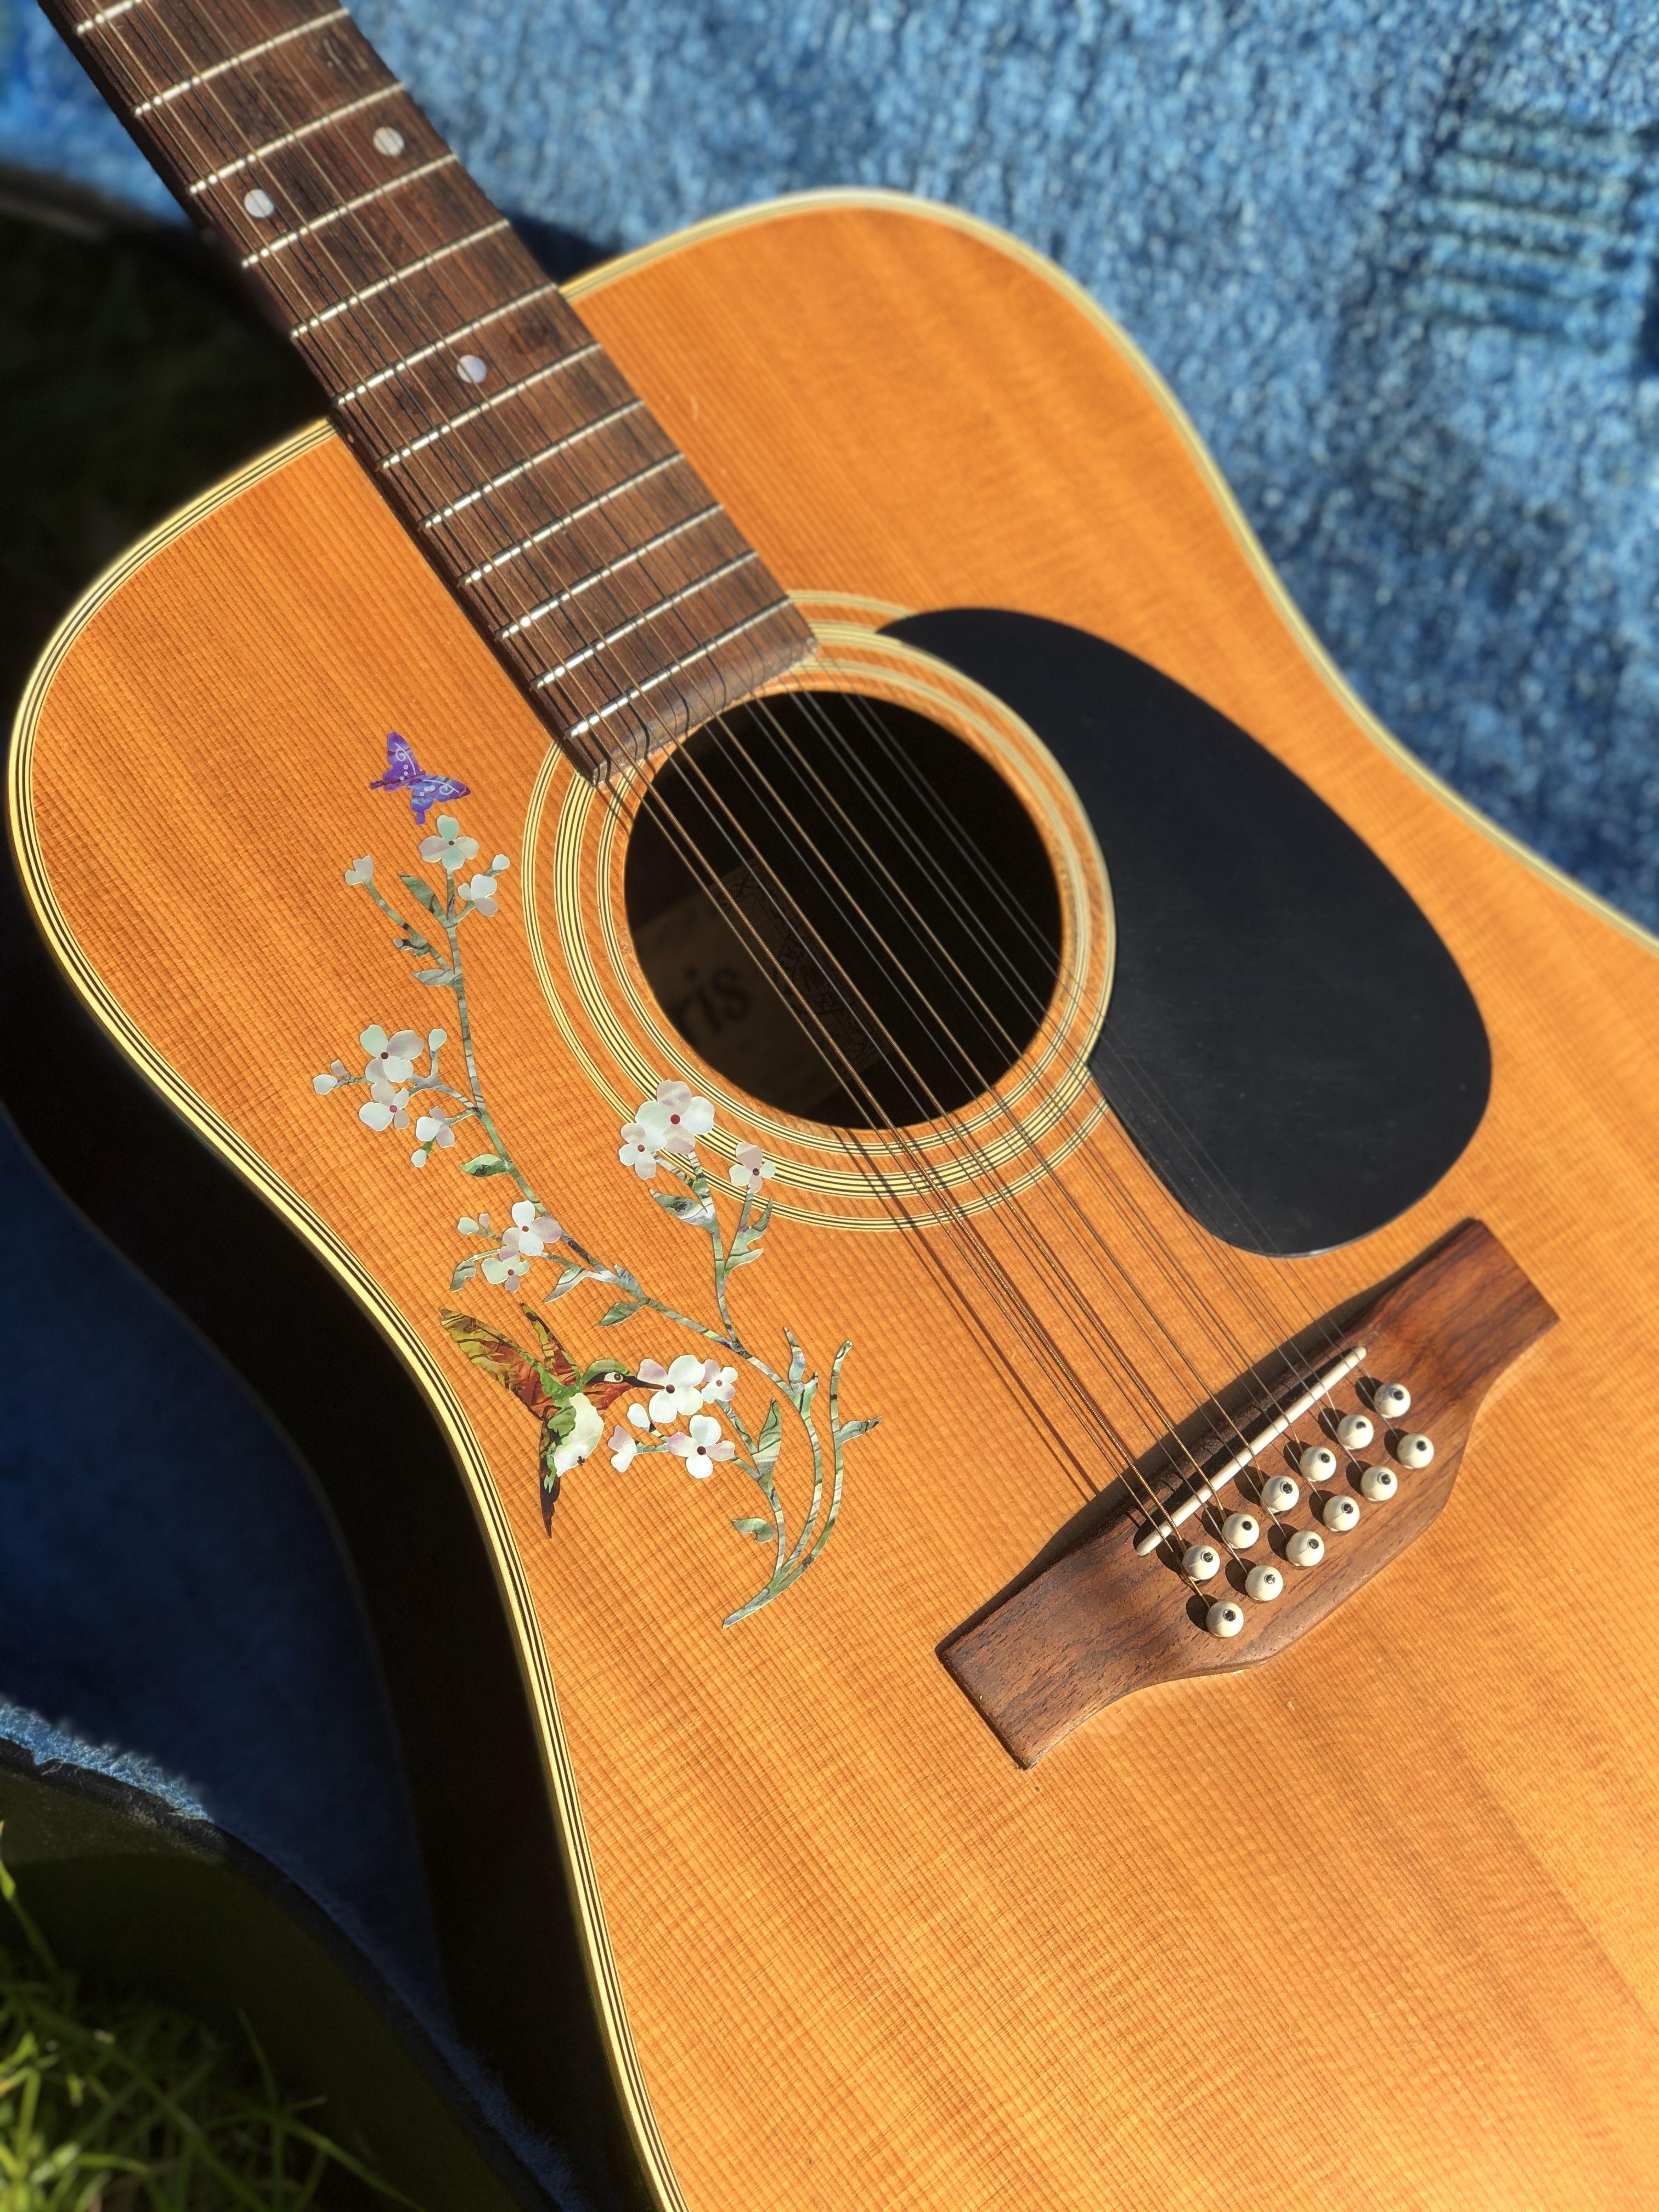 In The Garden Flowers Hummingbird Butterfly In 2020 Acoustic Guitar Art Guitar Art Acoustic Guitar Photography